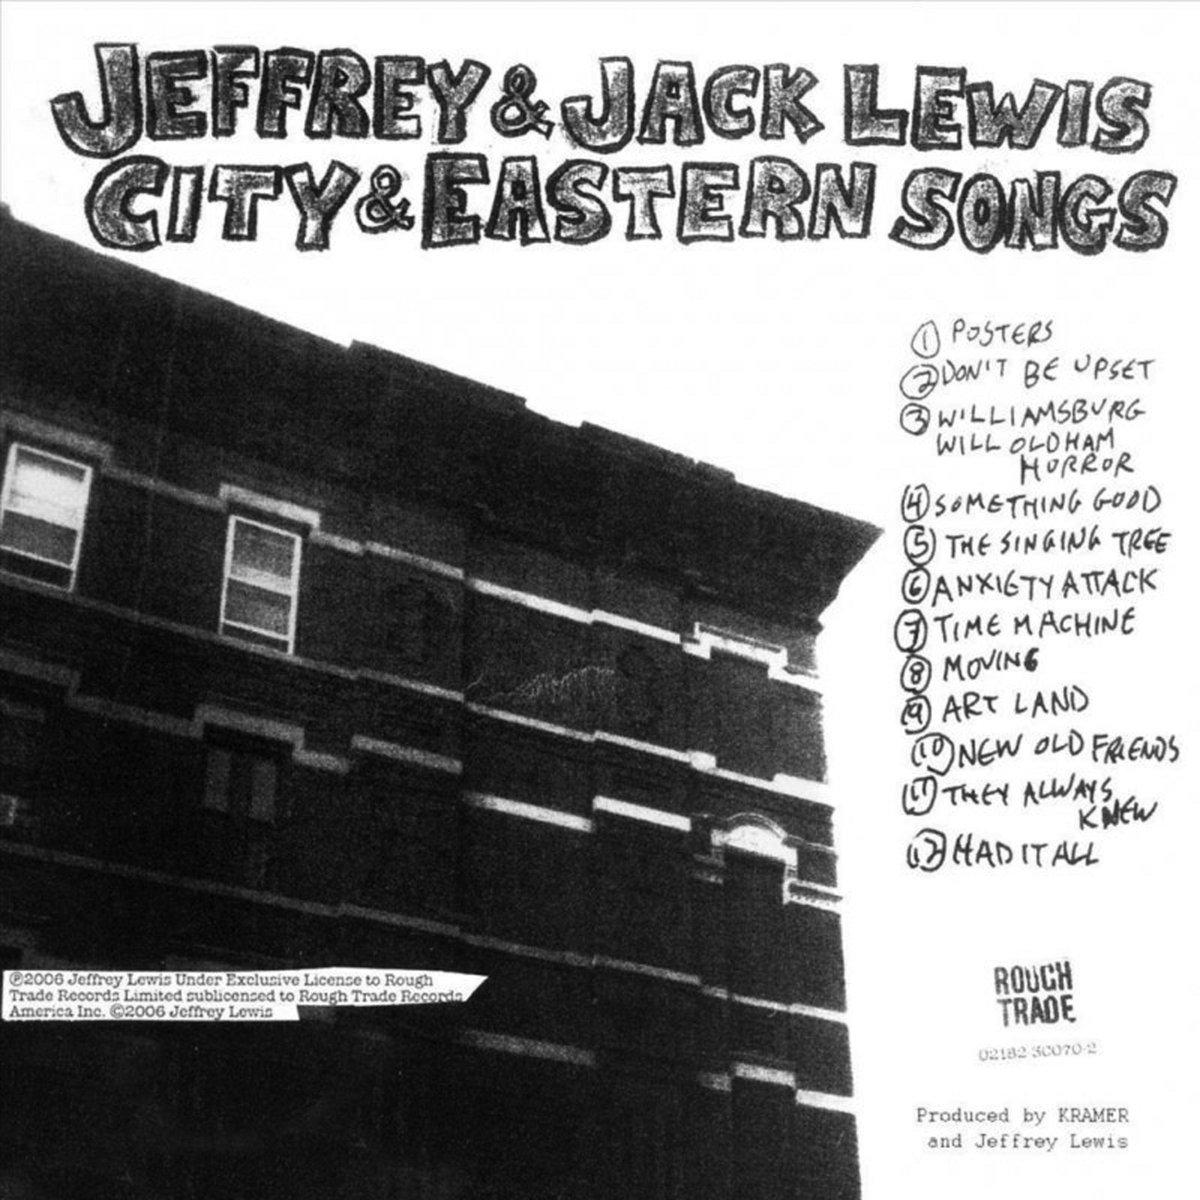 Jeffrey & Jack Lewis - City & Eastern Songs LP